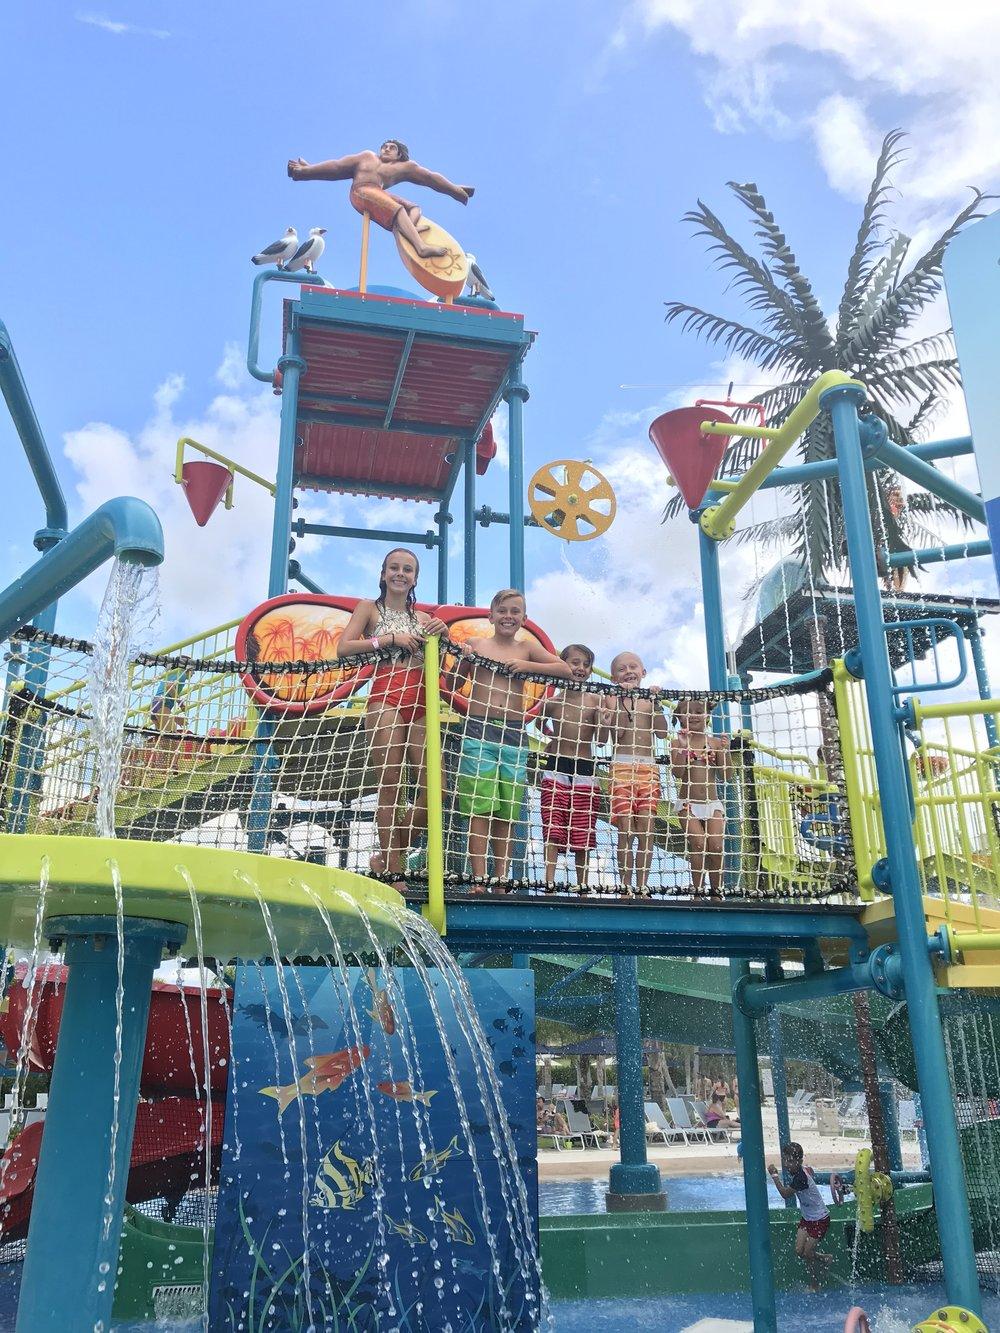 Orlando Resort waterslide pool area